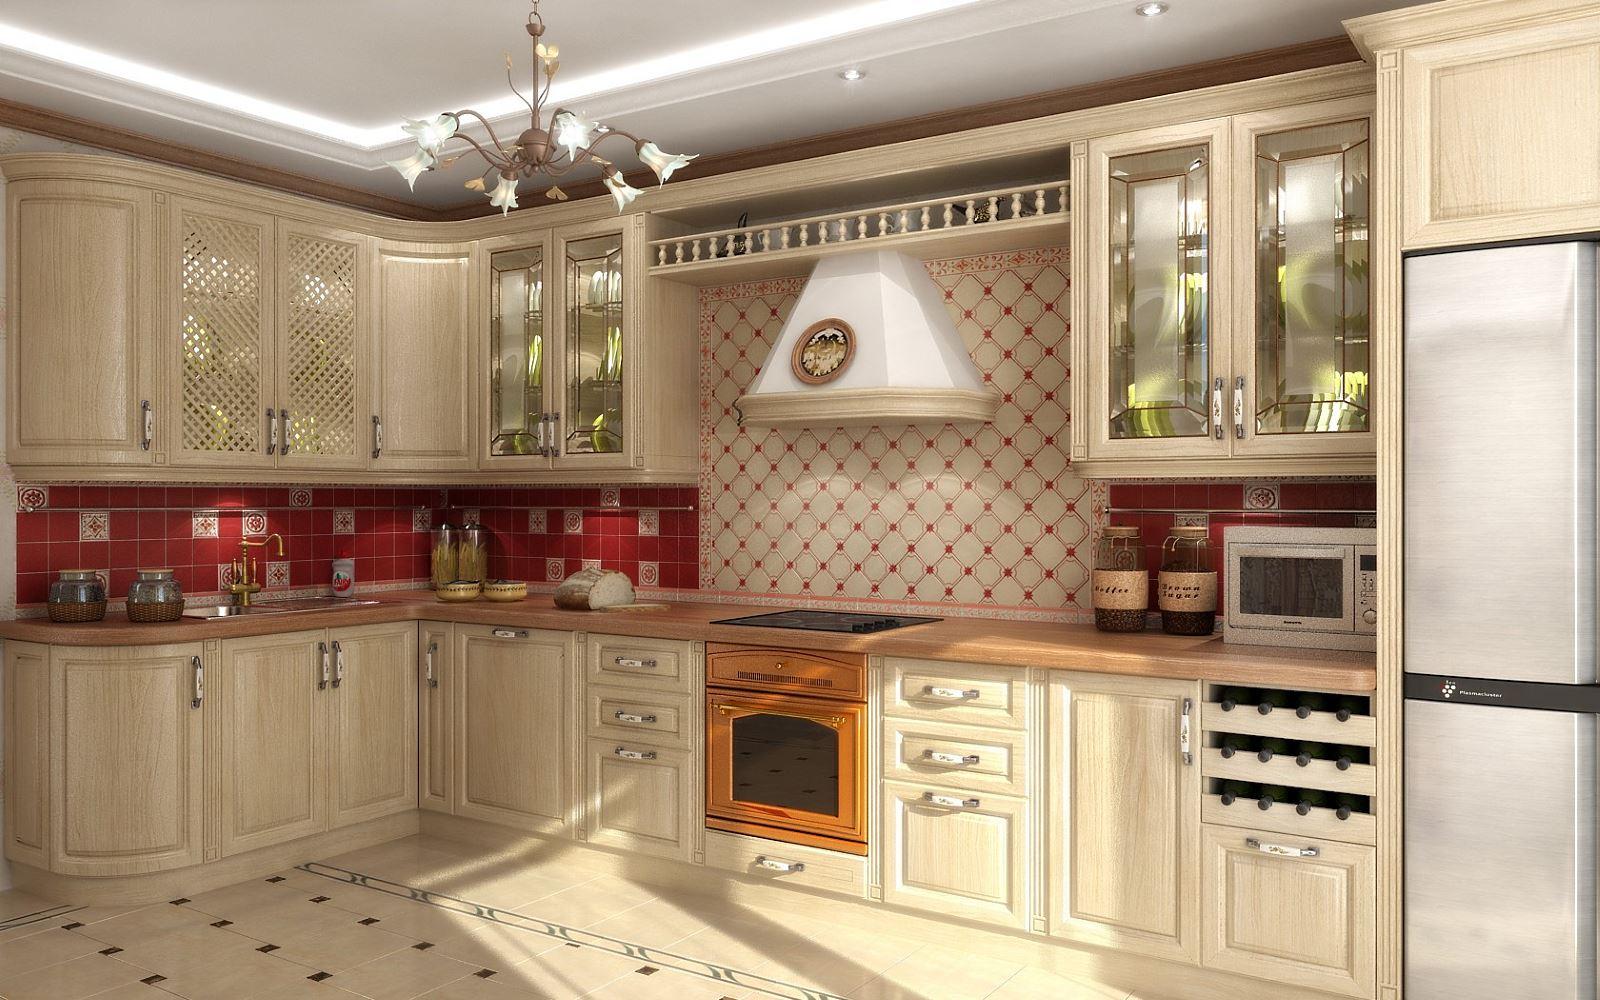 Оранжевая кухня 55 фото кухонный гарнитур персикового цвета в дизайне интерьера сочетание с черными белыми и другими тонами